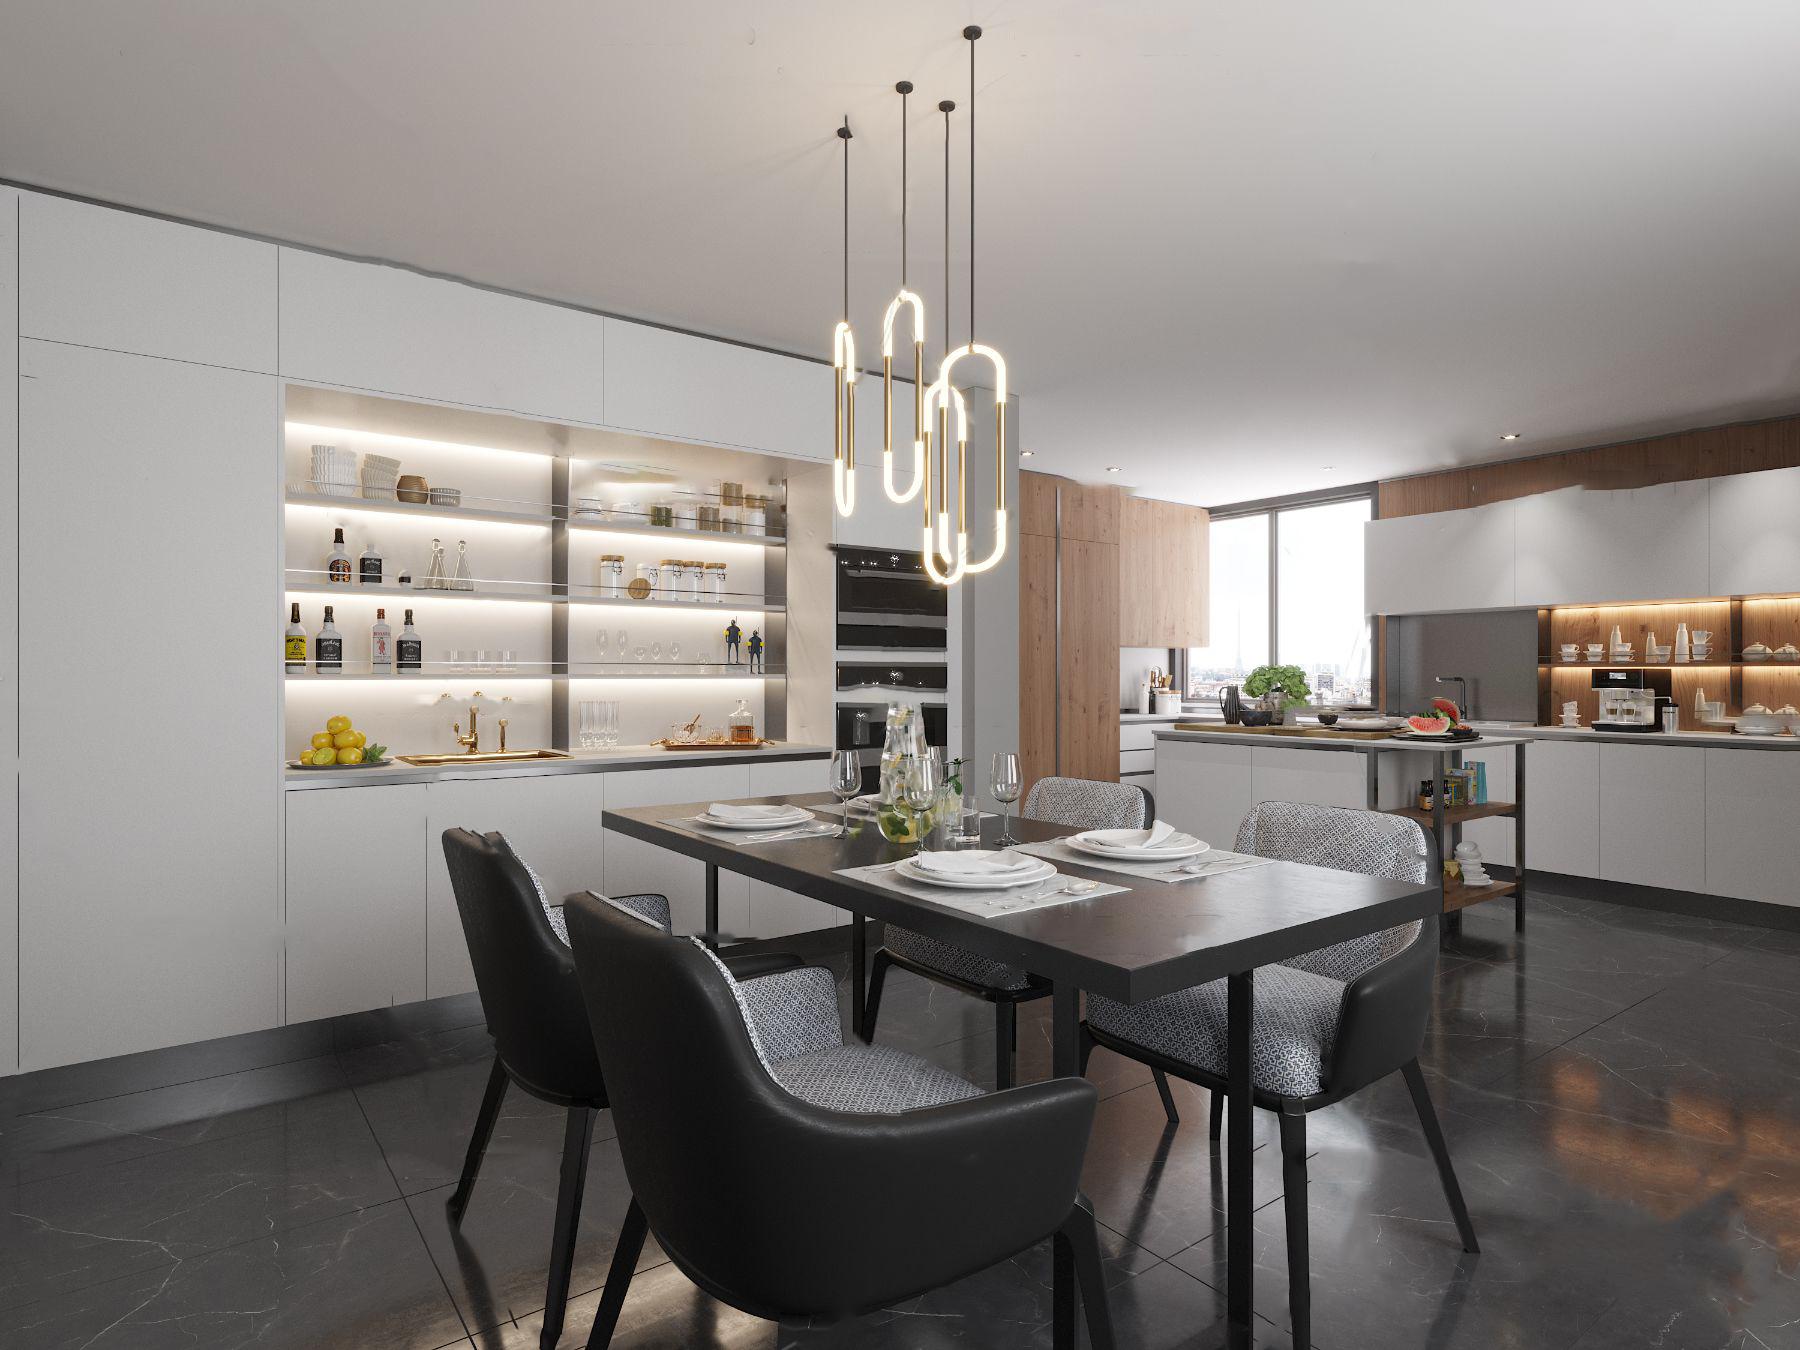 现代厨房橱柜餐桌椅3d模型